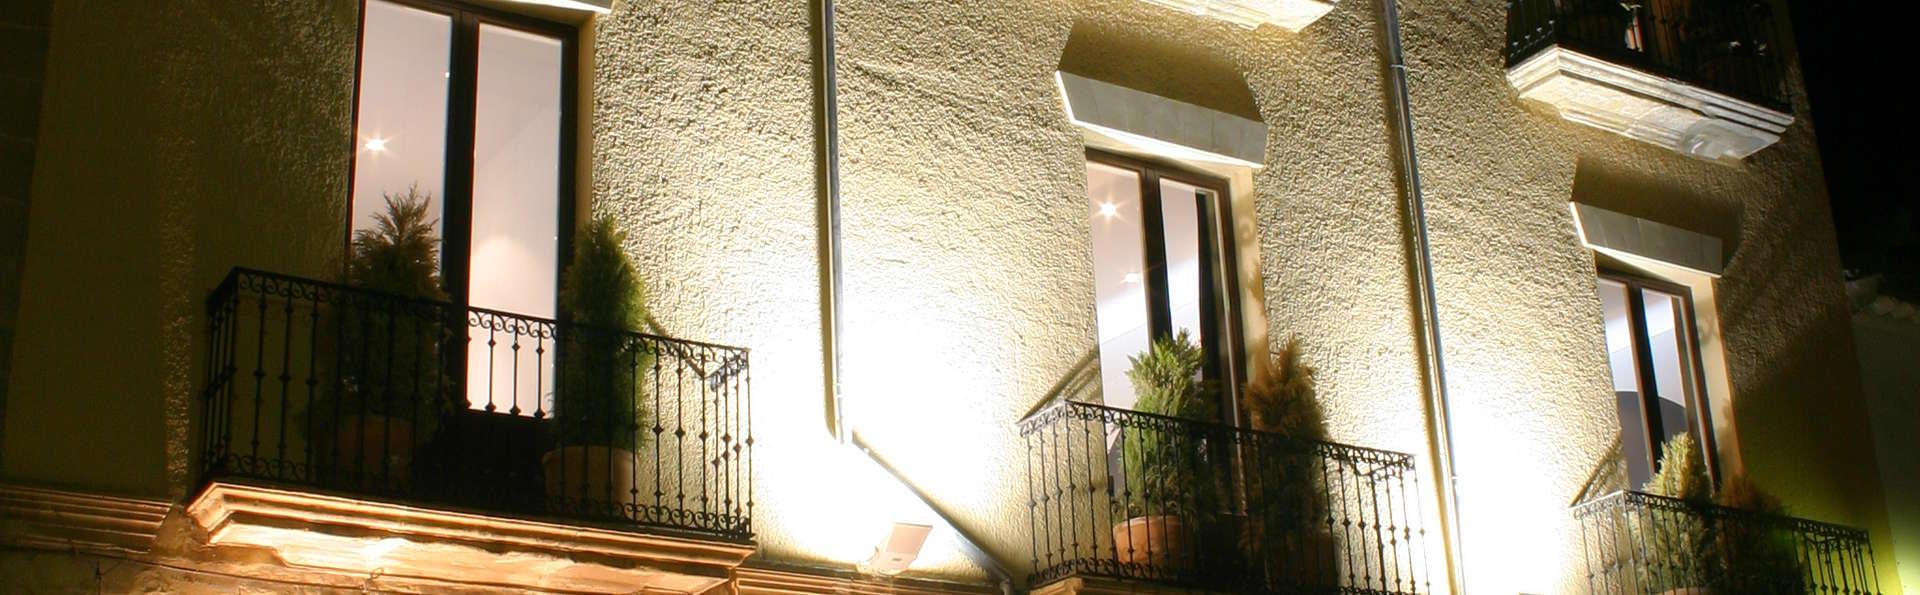 Hotel Fuentenueva - Façade